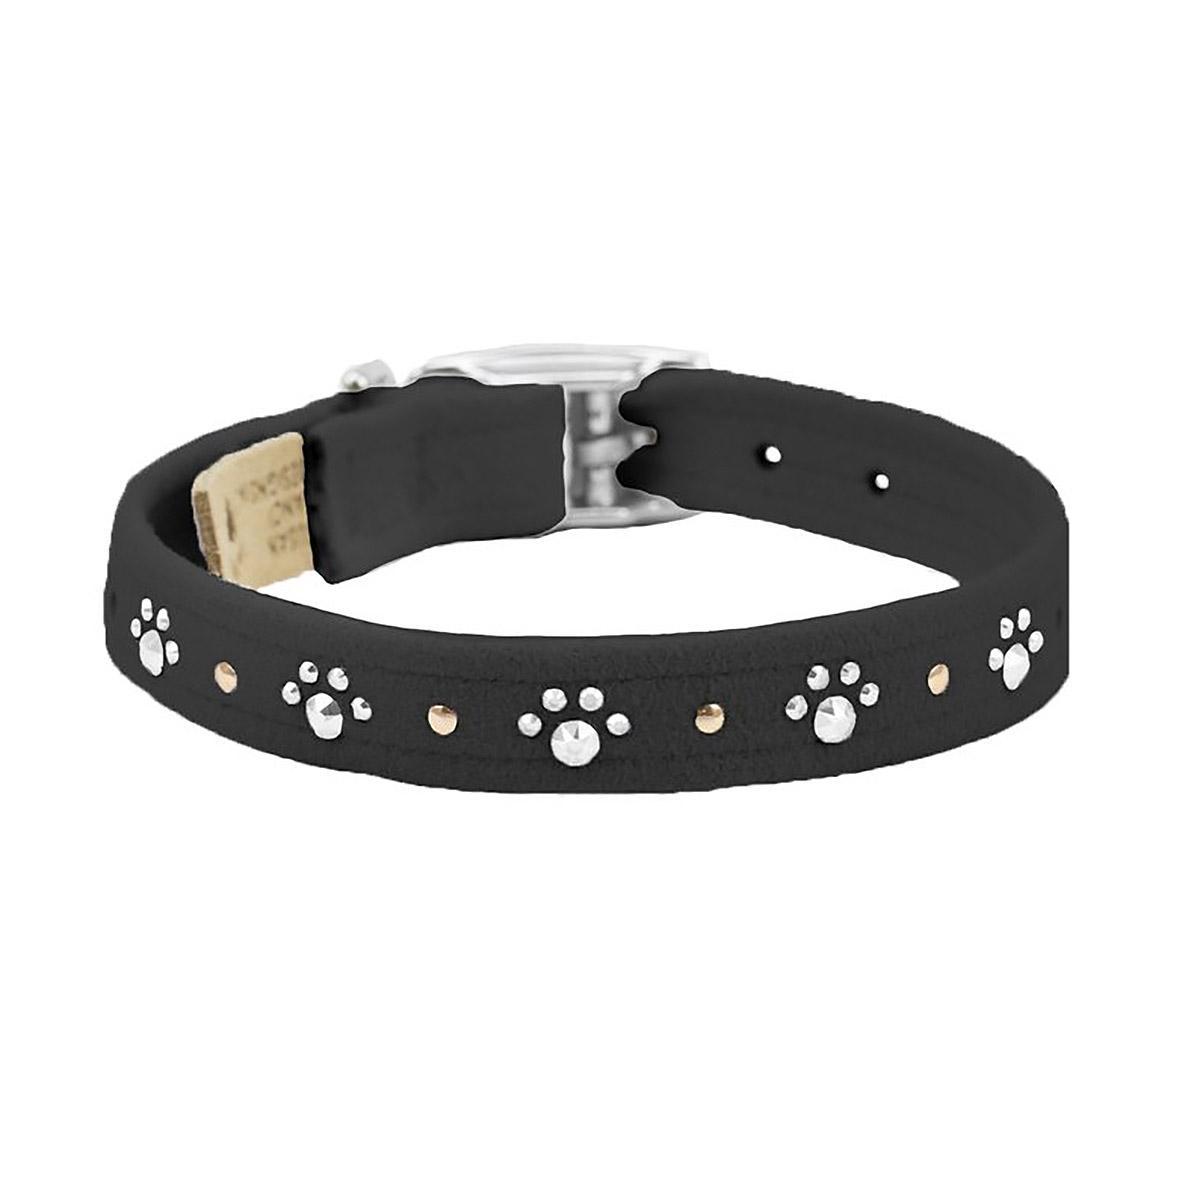 Crystal Paws Dog Collar by Susan Lanci - Black